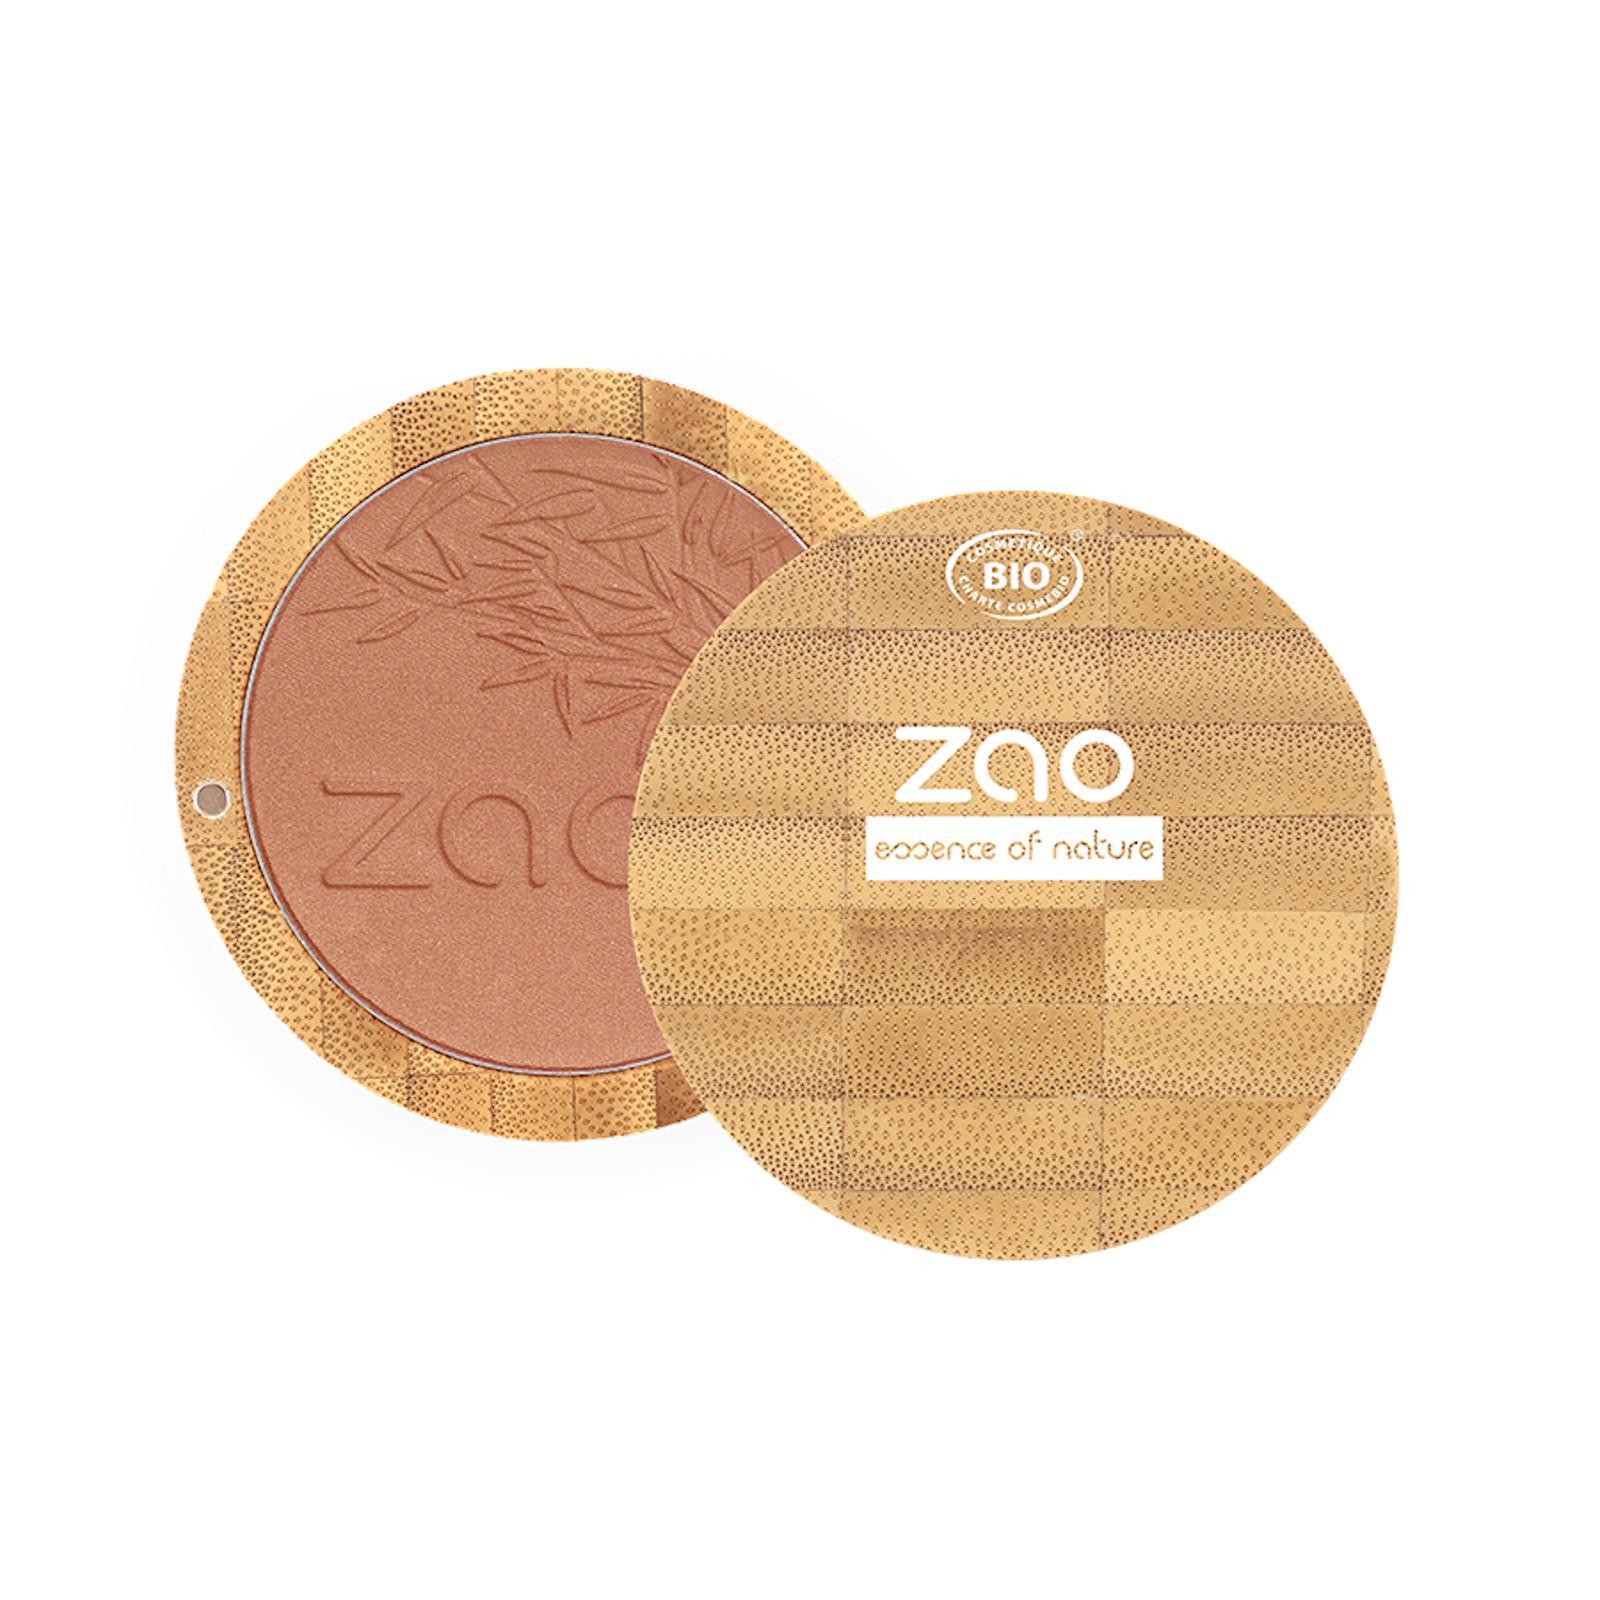 ZAO Tvářenka 325 Golden Coral 9 g bambusový obal